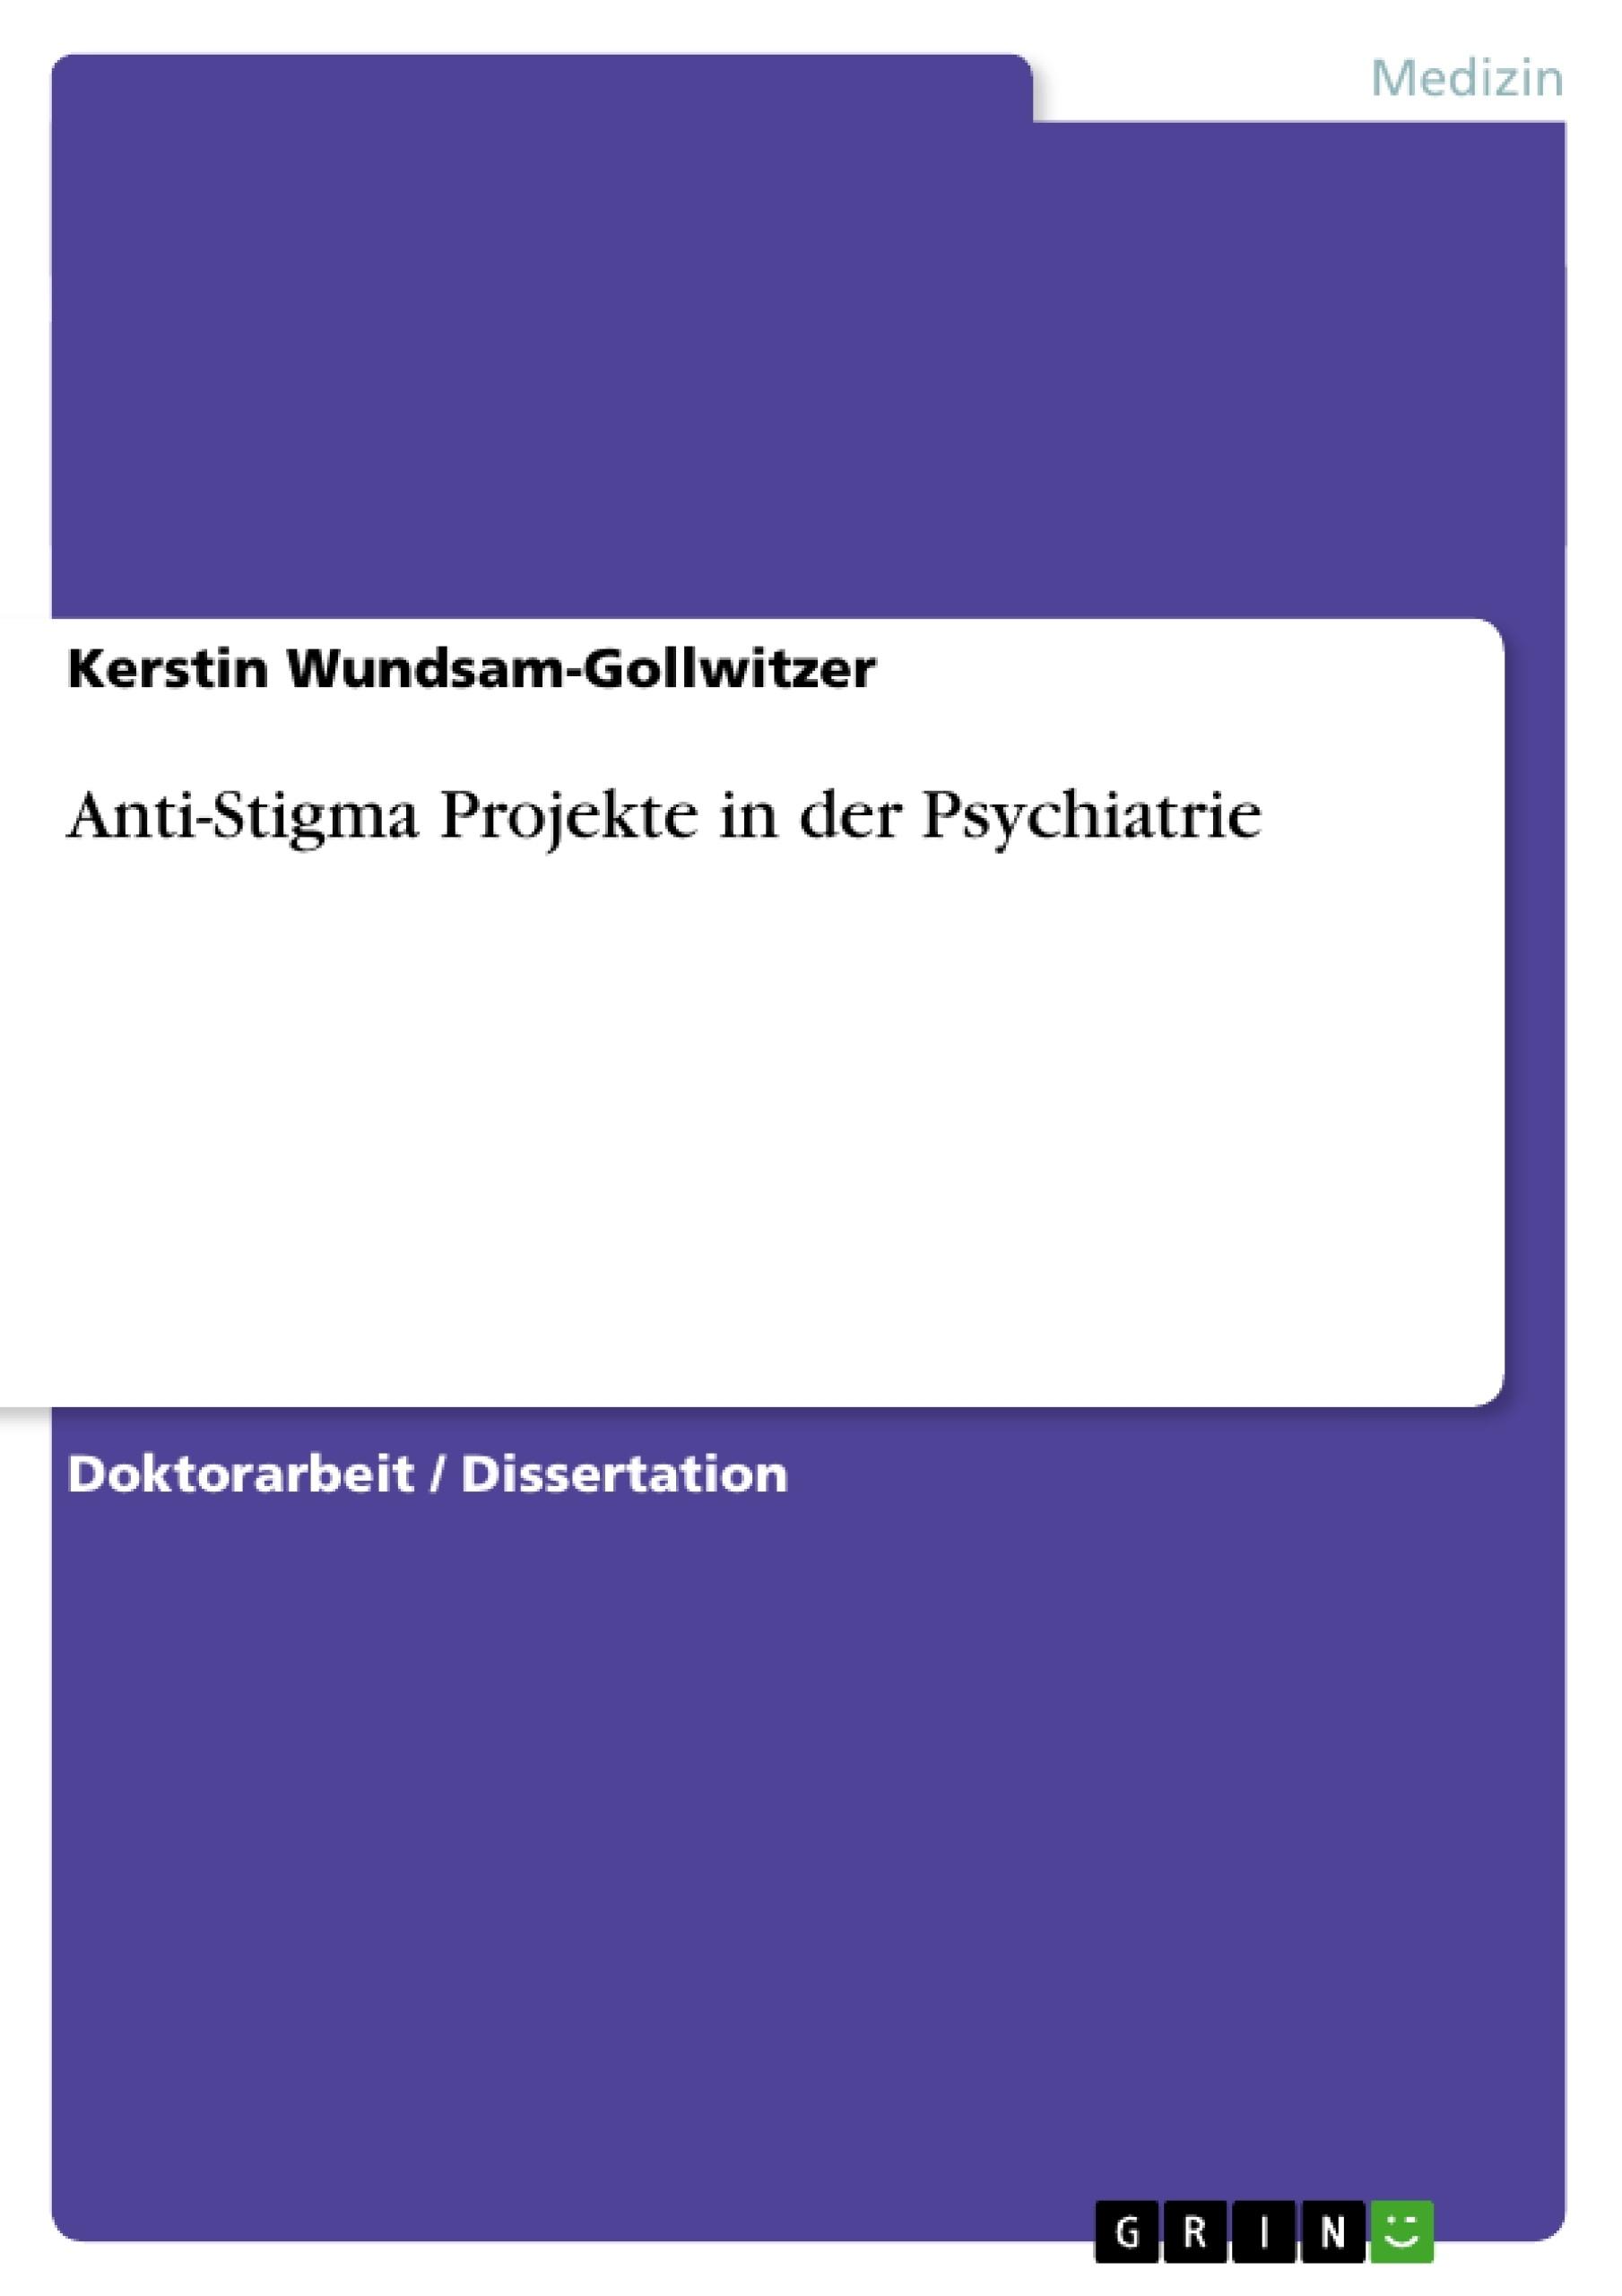 Titel: Anti-Stigma Projekte in der Psychiatrie